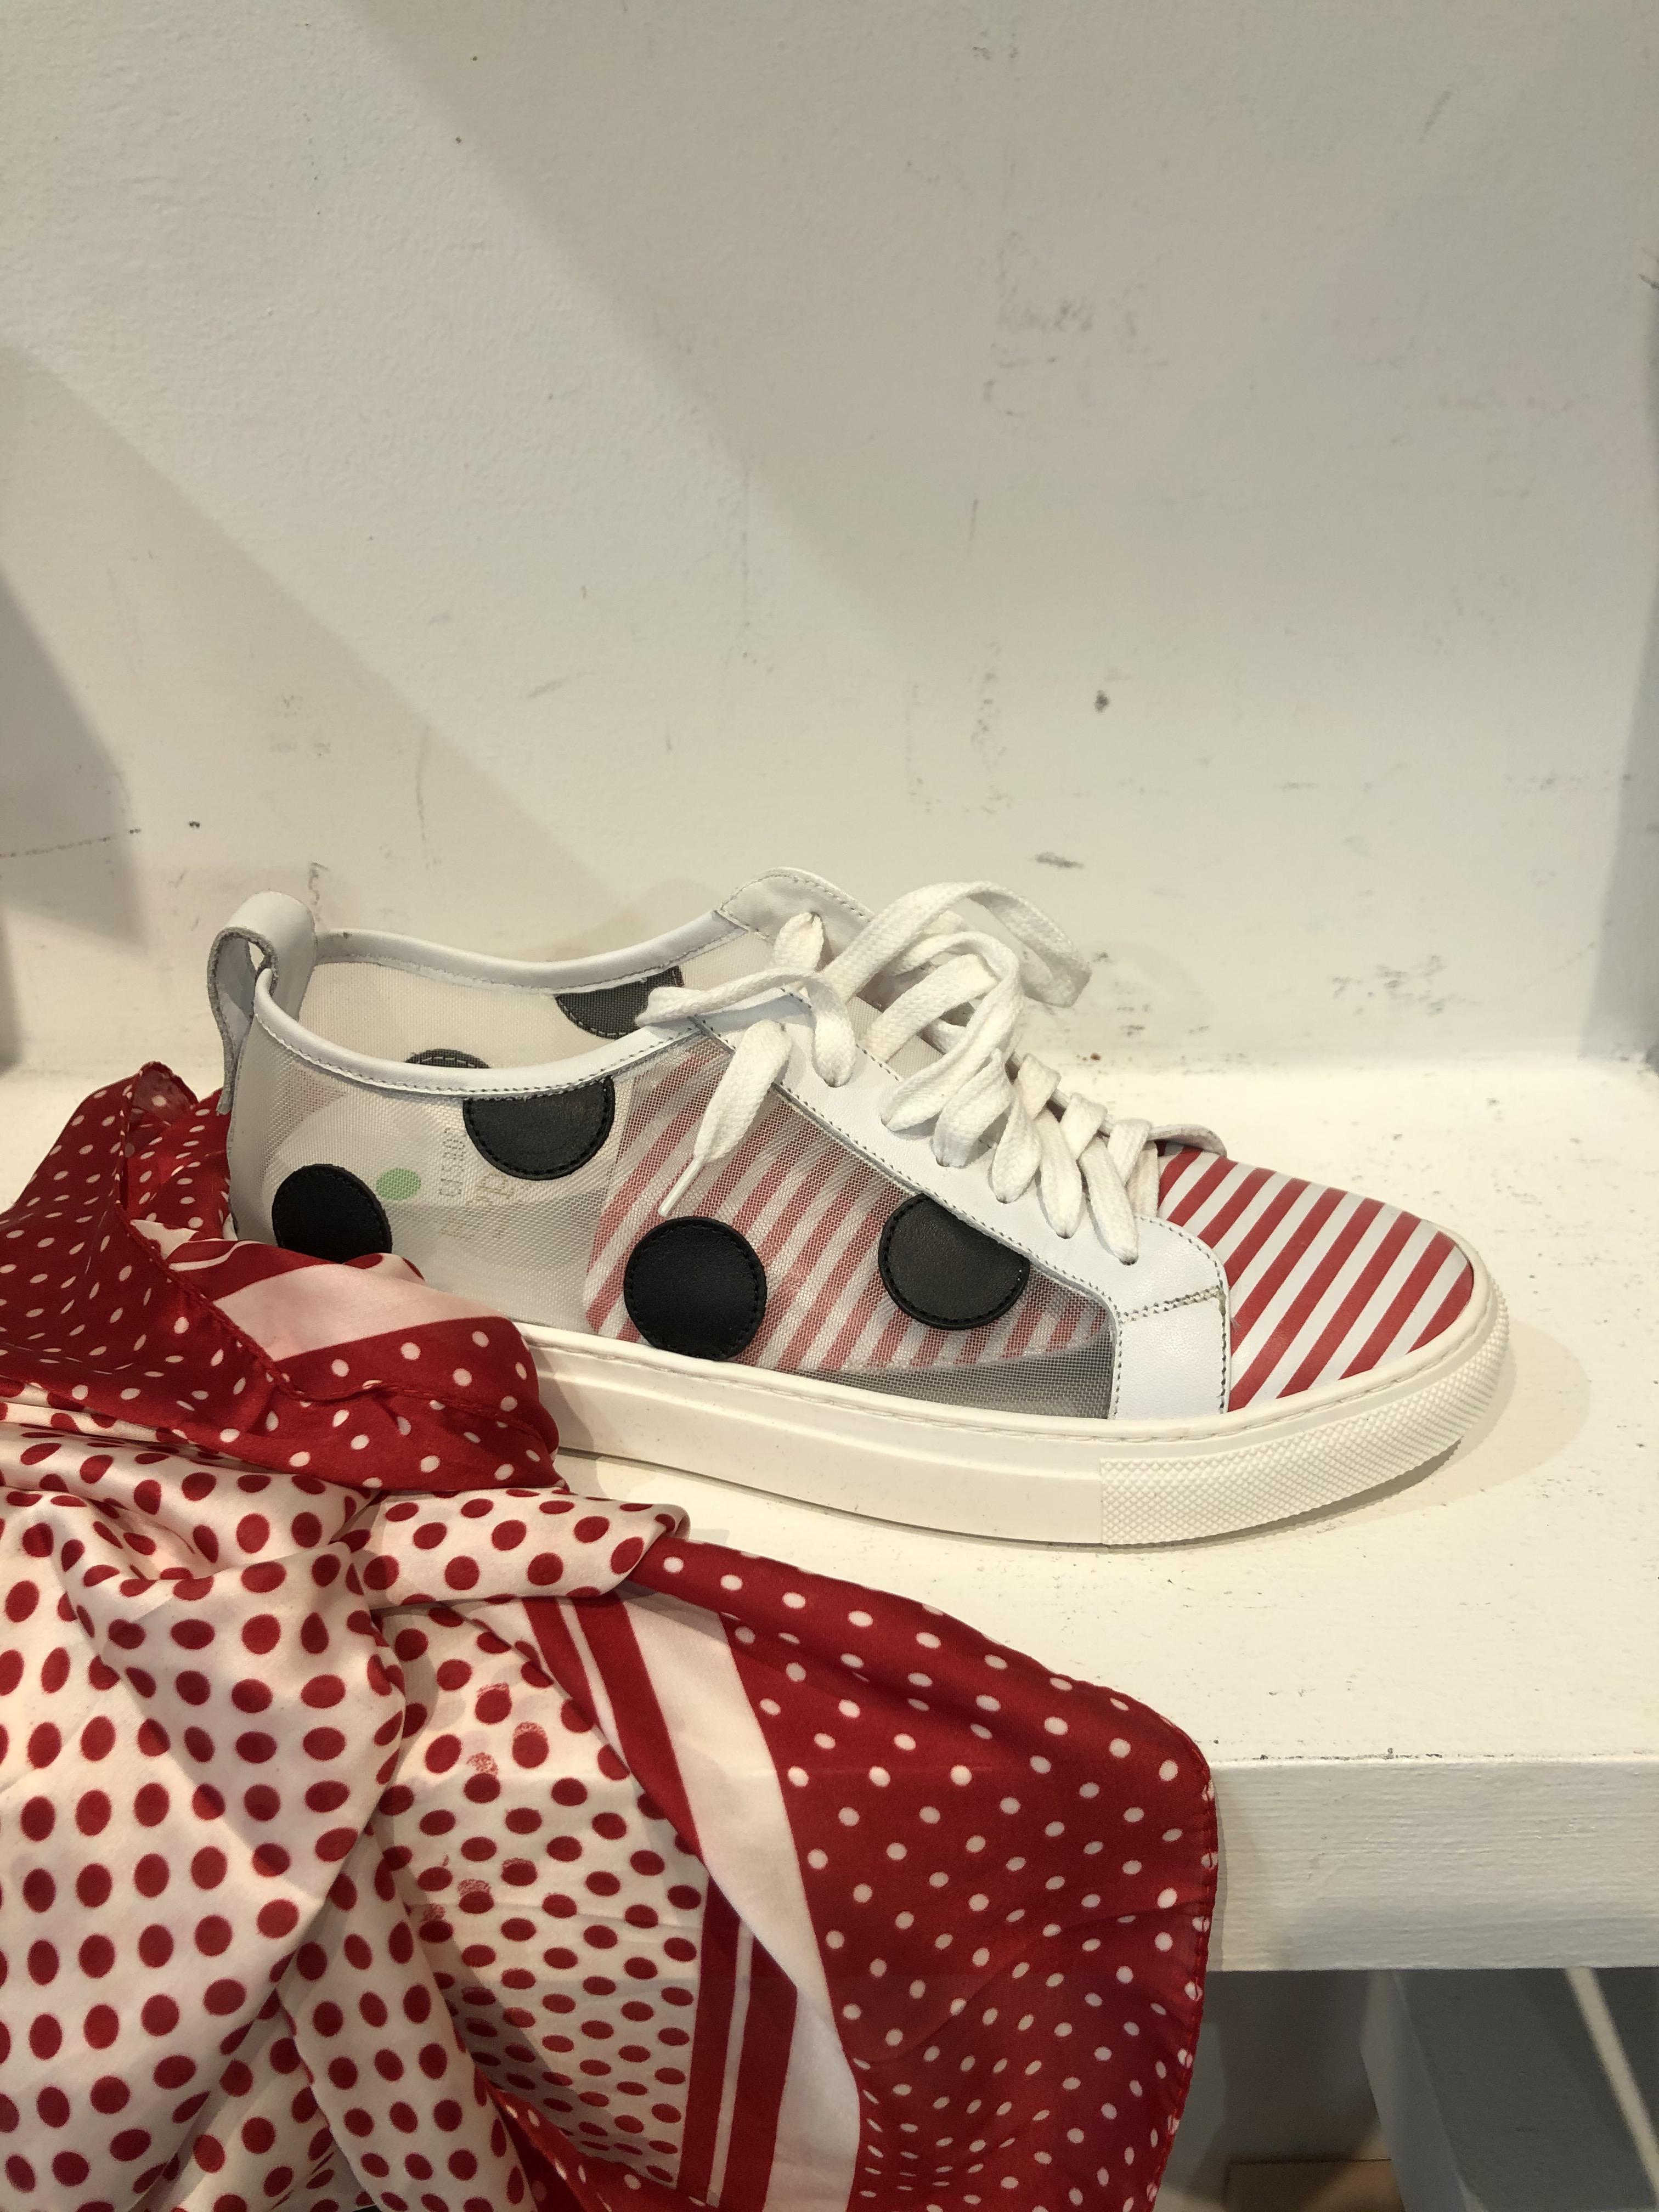 Hop Scarpa Donna Sneakers A3 Nappa Bianco/Rosso/Nero